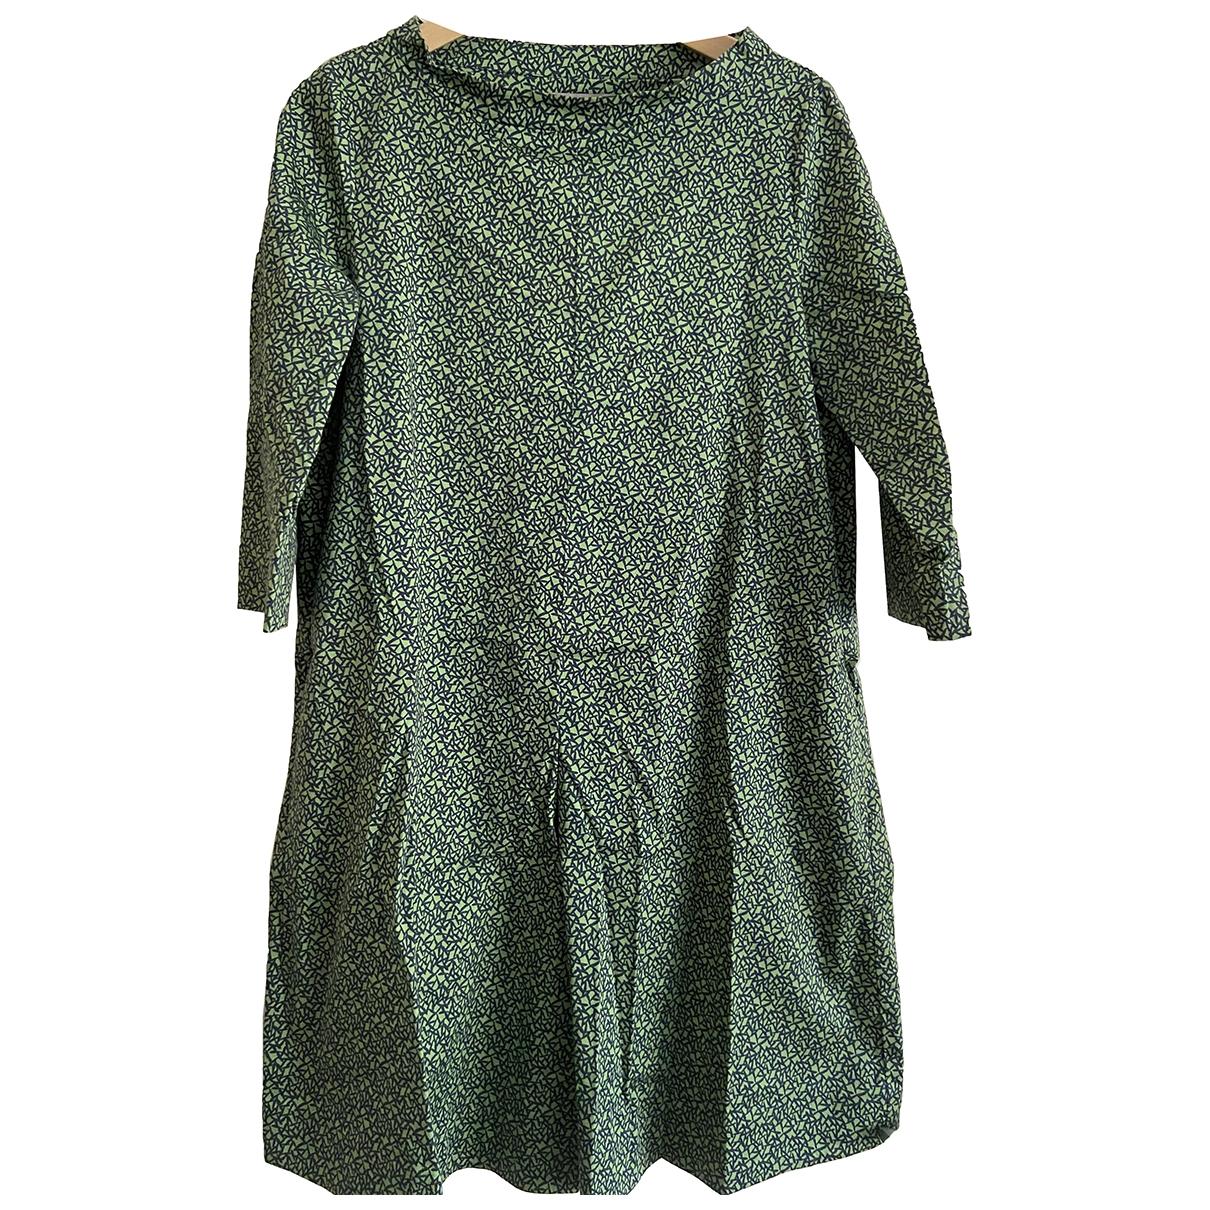 Cos \N Kleid in  Bunt Baumwolle